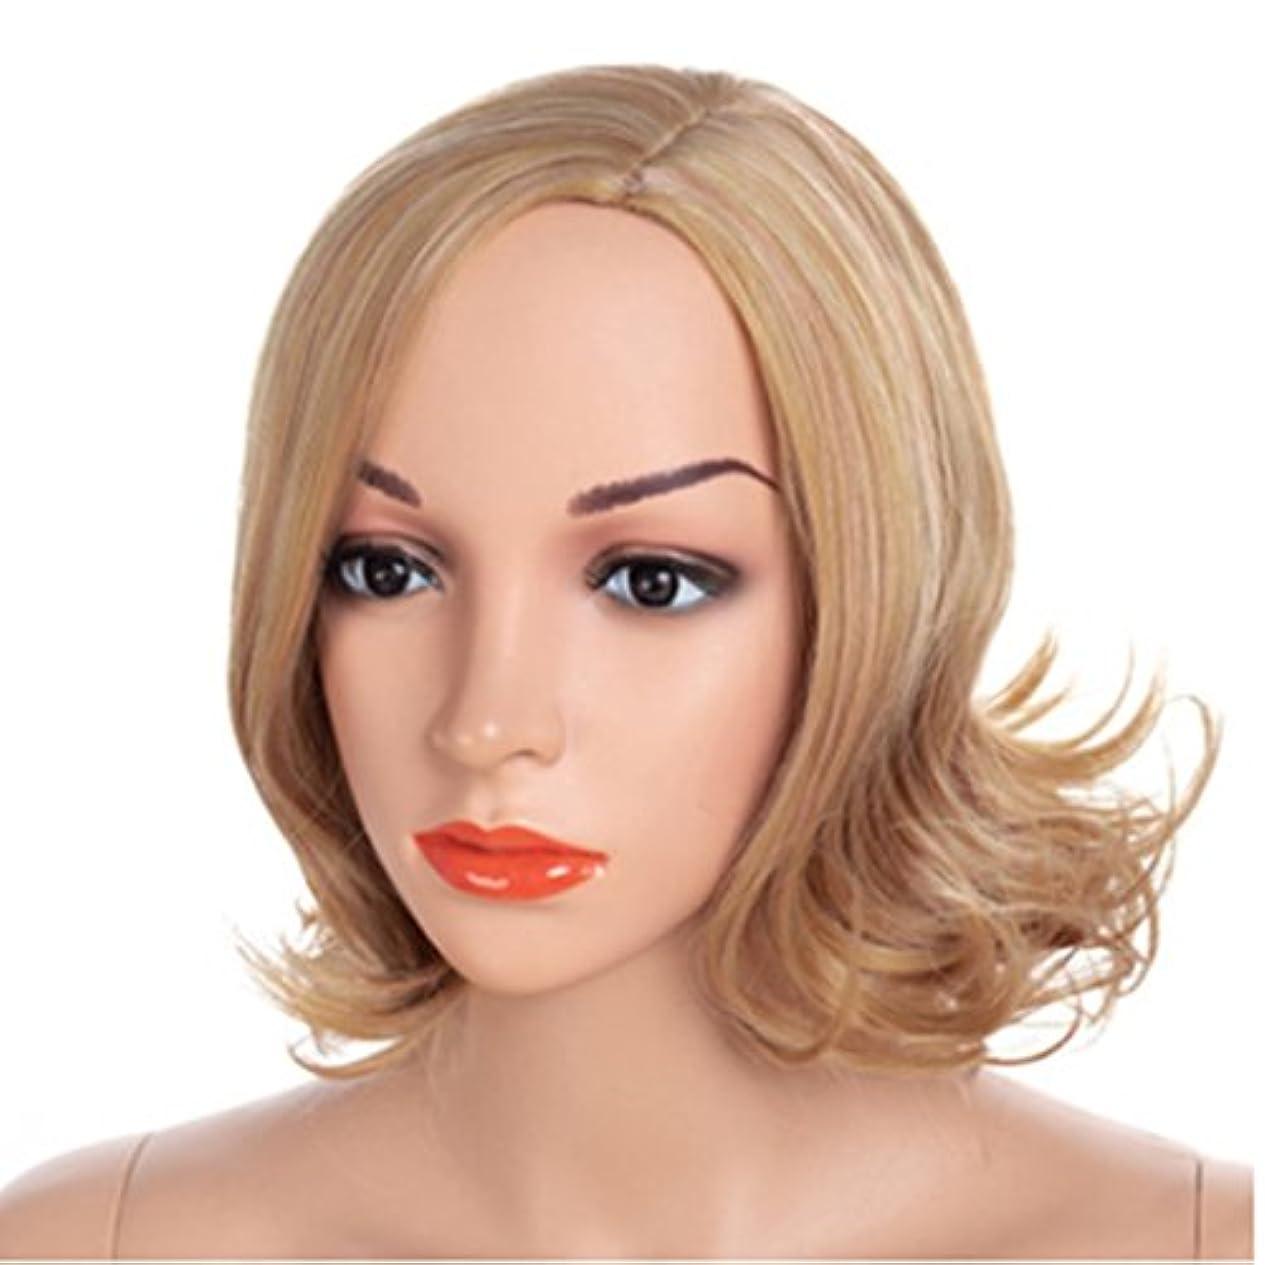 統計してはいけません誠意YOUQIU 顔ウィッグで変更することができ黄金の髪の色とAウィッグ髪型の40センチメートル女性のかつら髪型メッシー伐採 (色 : ゴールド)